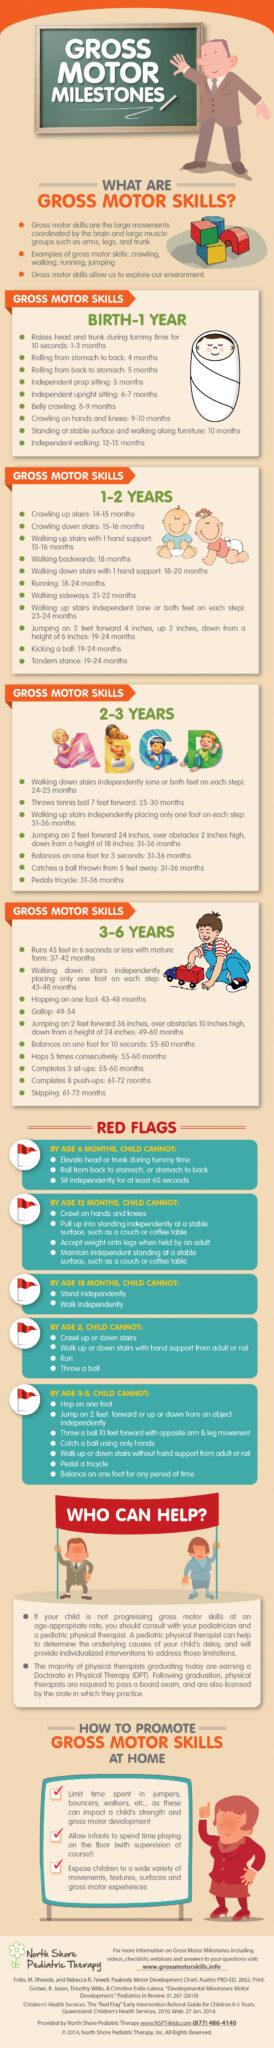 gms milestones infographic